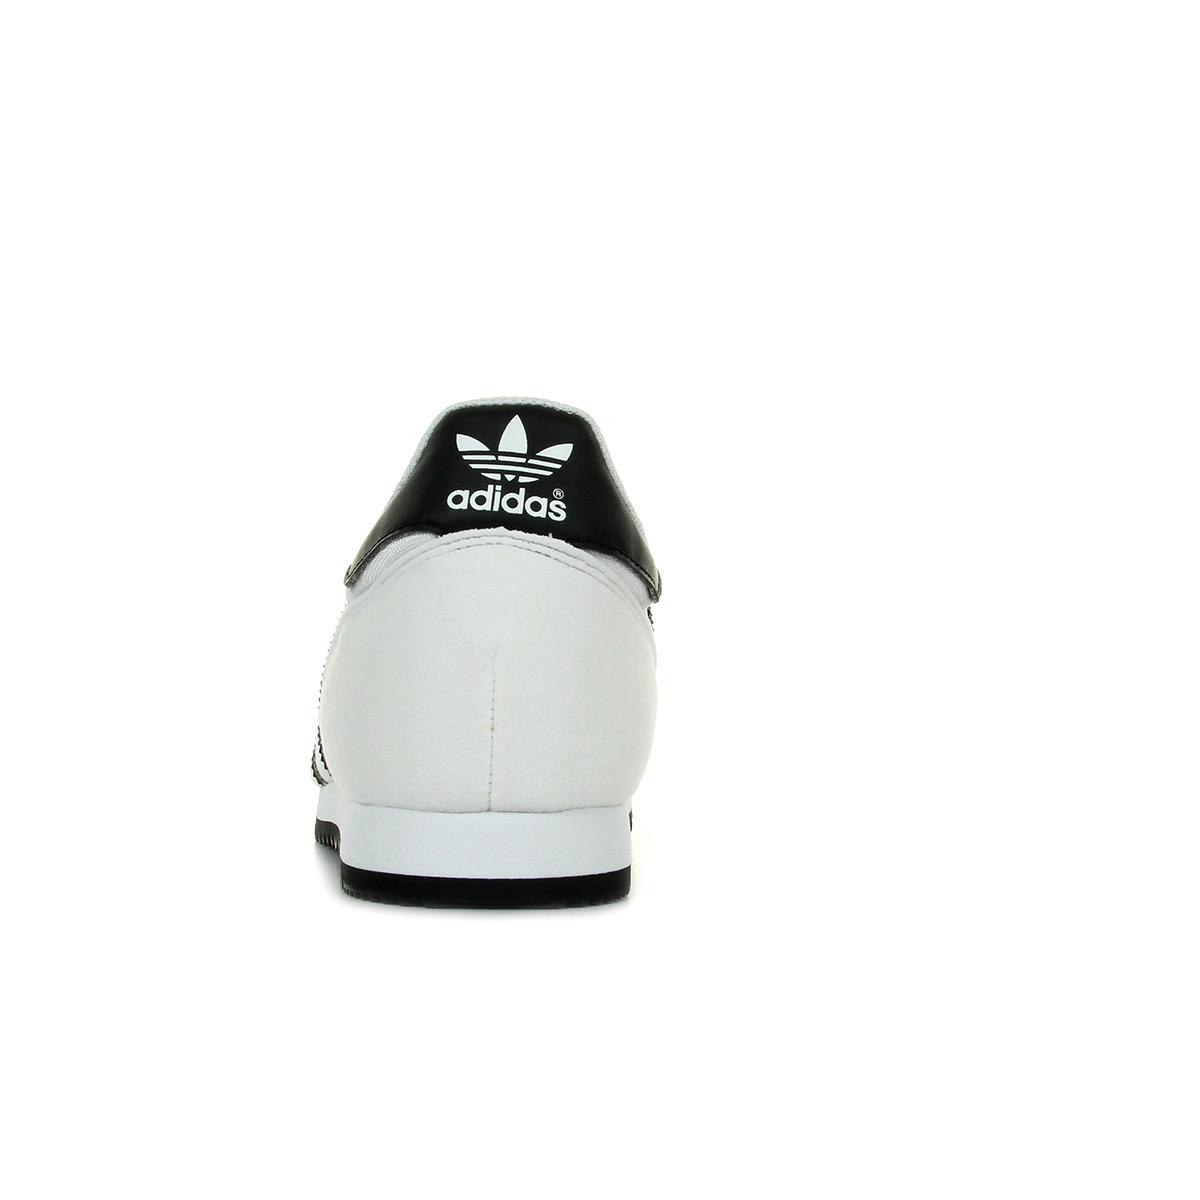 adidas Dragon Og BB1270, Baskets mode homme